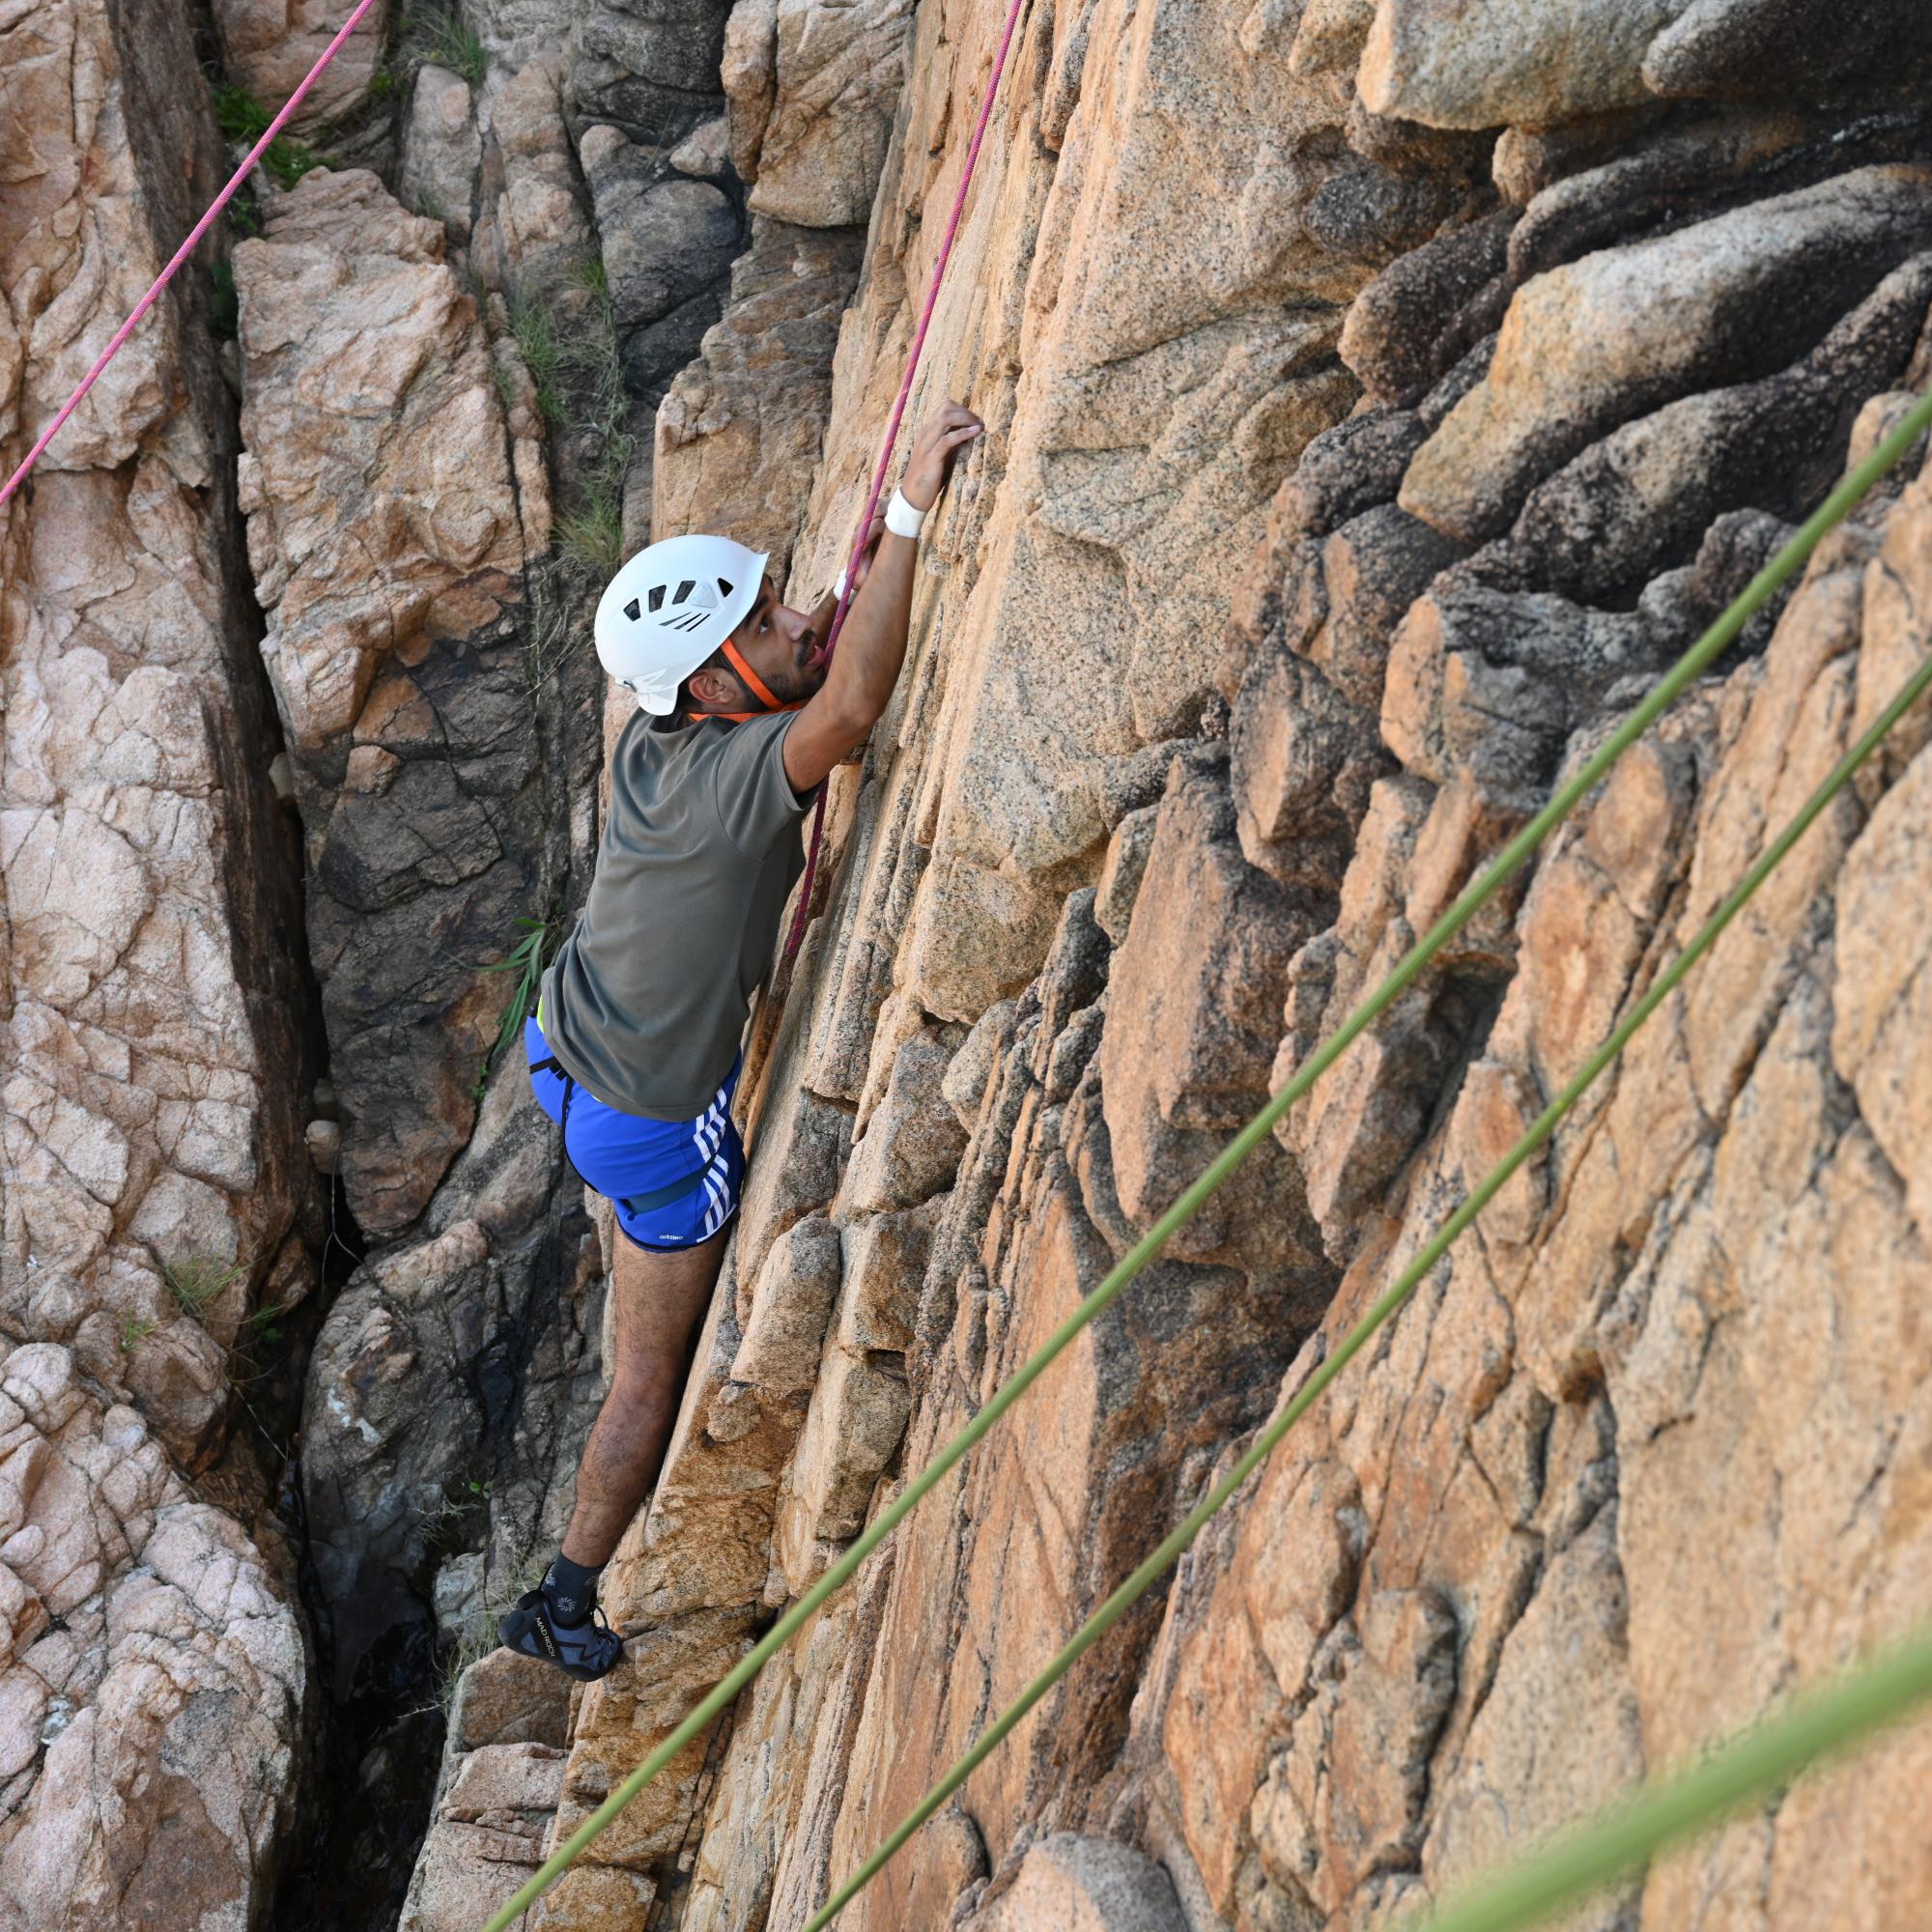 戶外攀岩體驗日(7月11日 星期日)